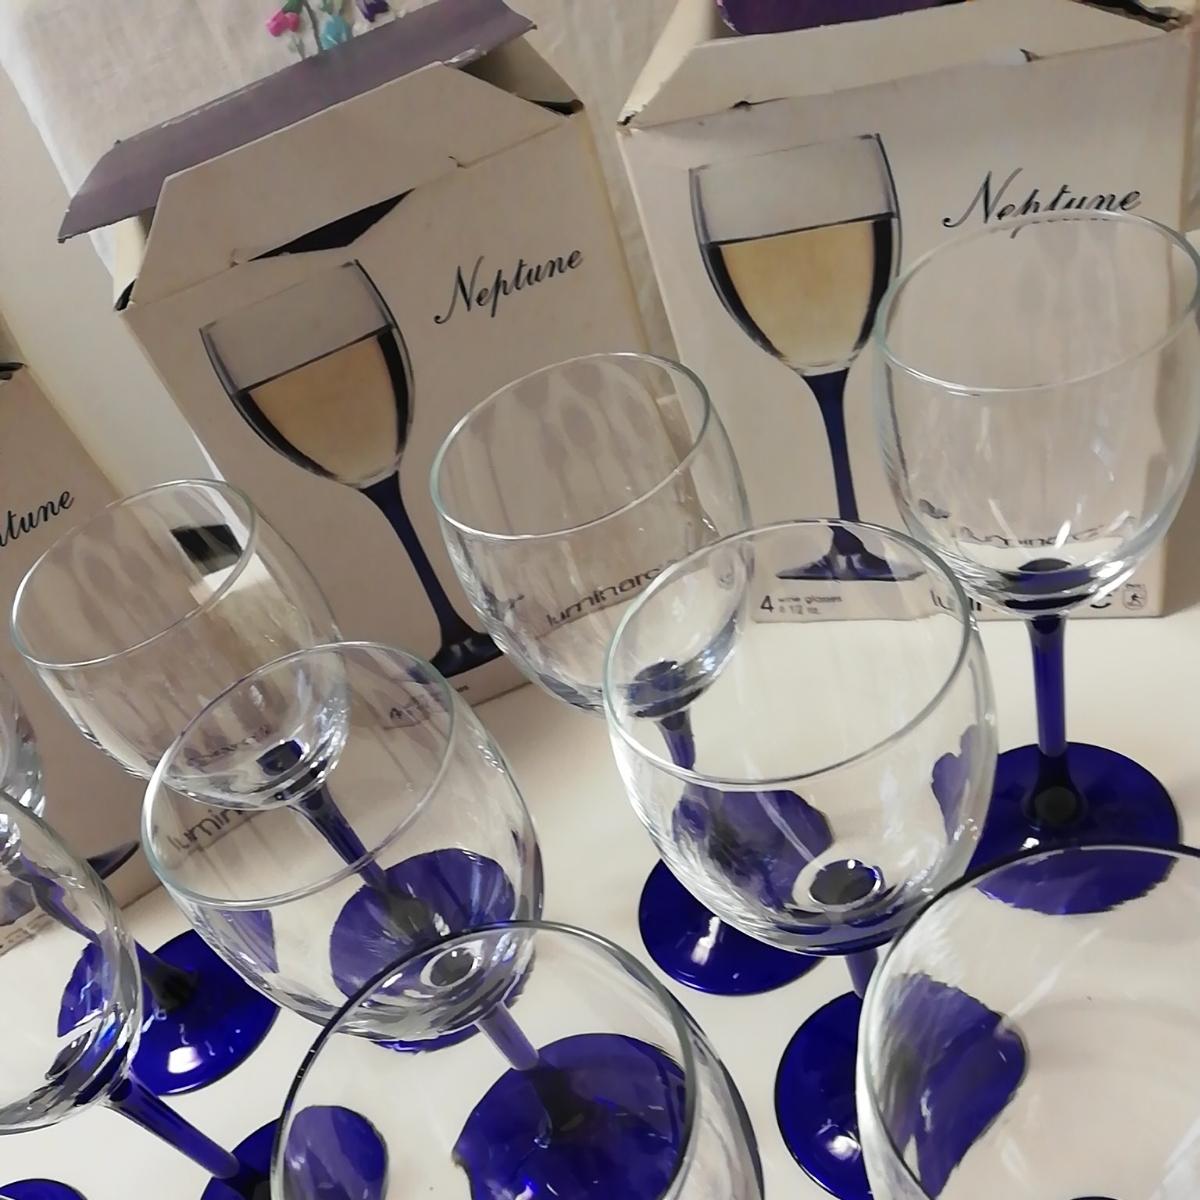 ●新品 ワイングラス ブルー フランス製 リュミナルク グラス 12客 luminarc 店舗お店飲食店に FRANCE 足付脚付 ゴブレット●大量セット_画像6